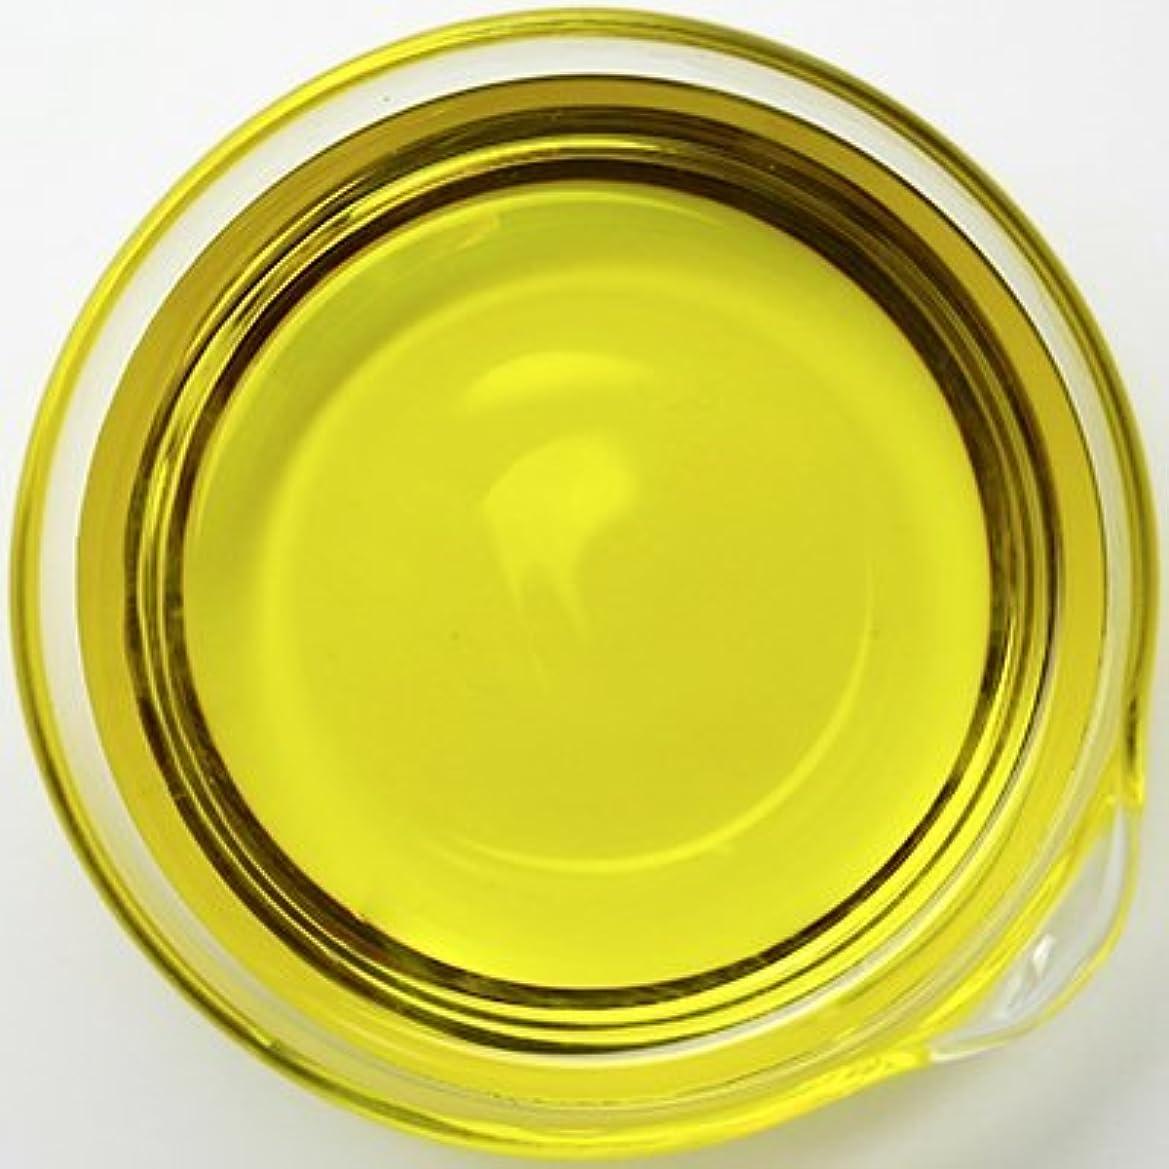 ウガンダ有効な西部オーガニック アルニカオイル [アルニカ抽出油] 250ml 【アルニカ油/手作り石鹸/手作りコスメ/美容オイル/キャリアオイル/マッサージオイル】【birth】